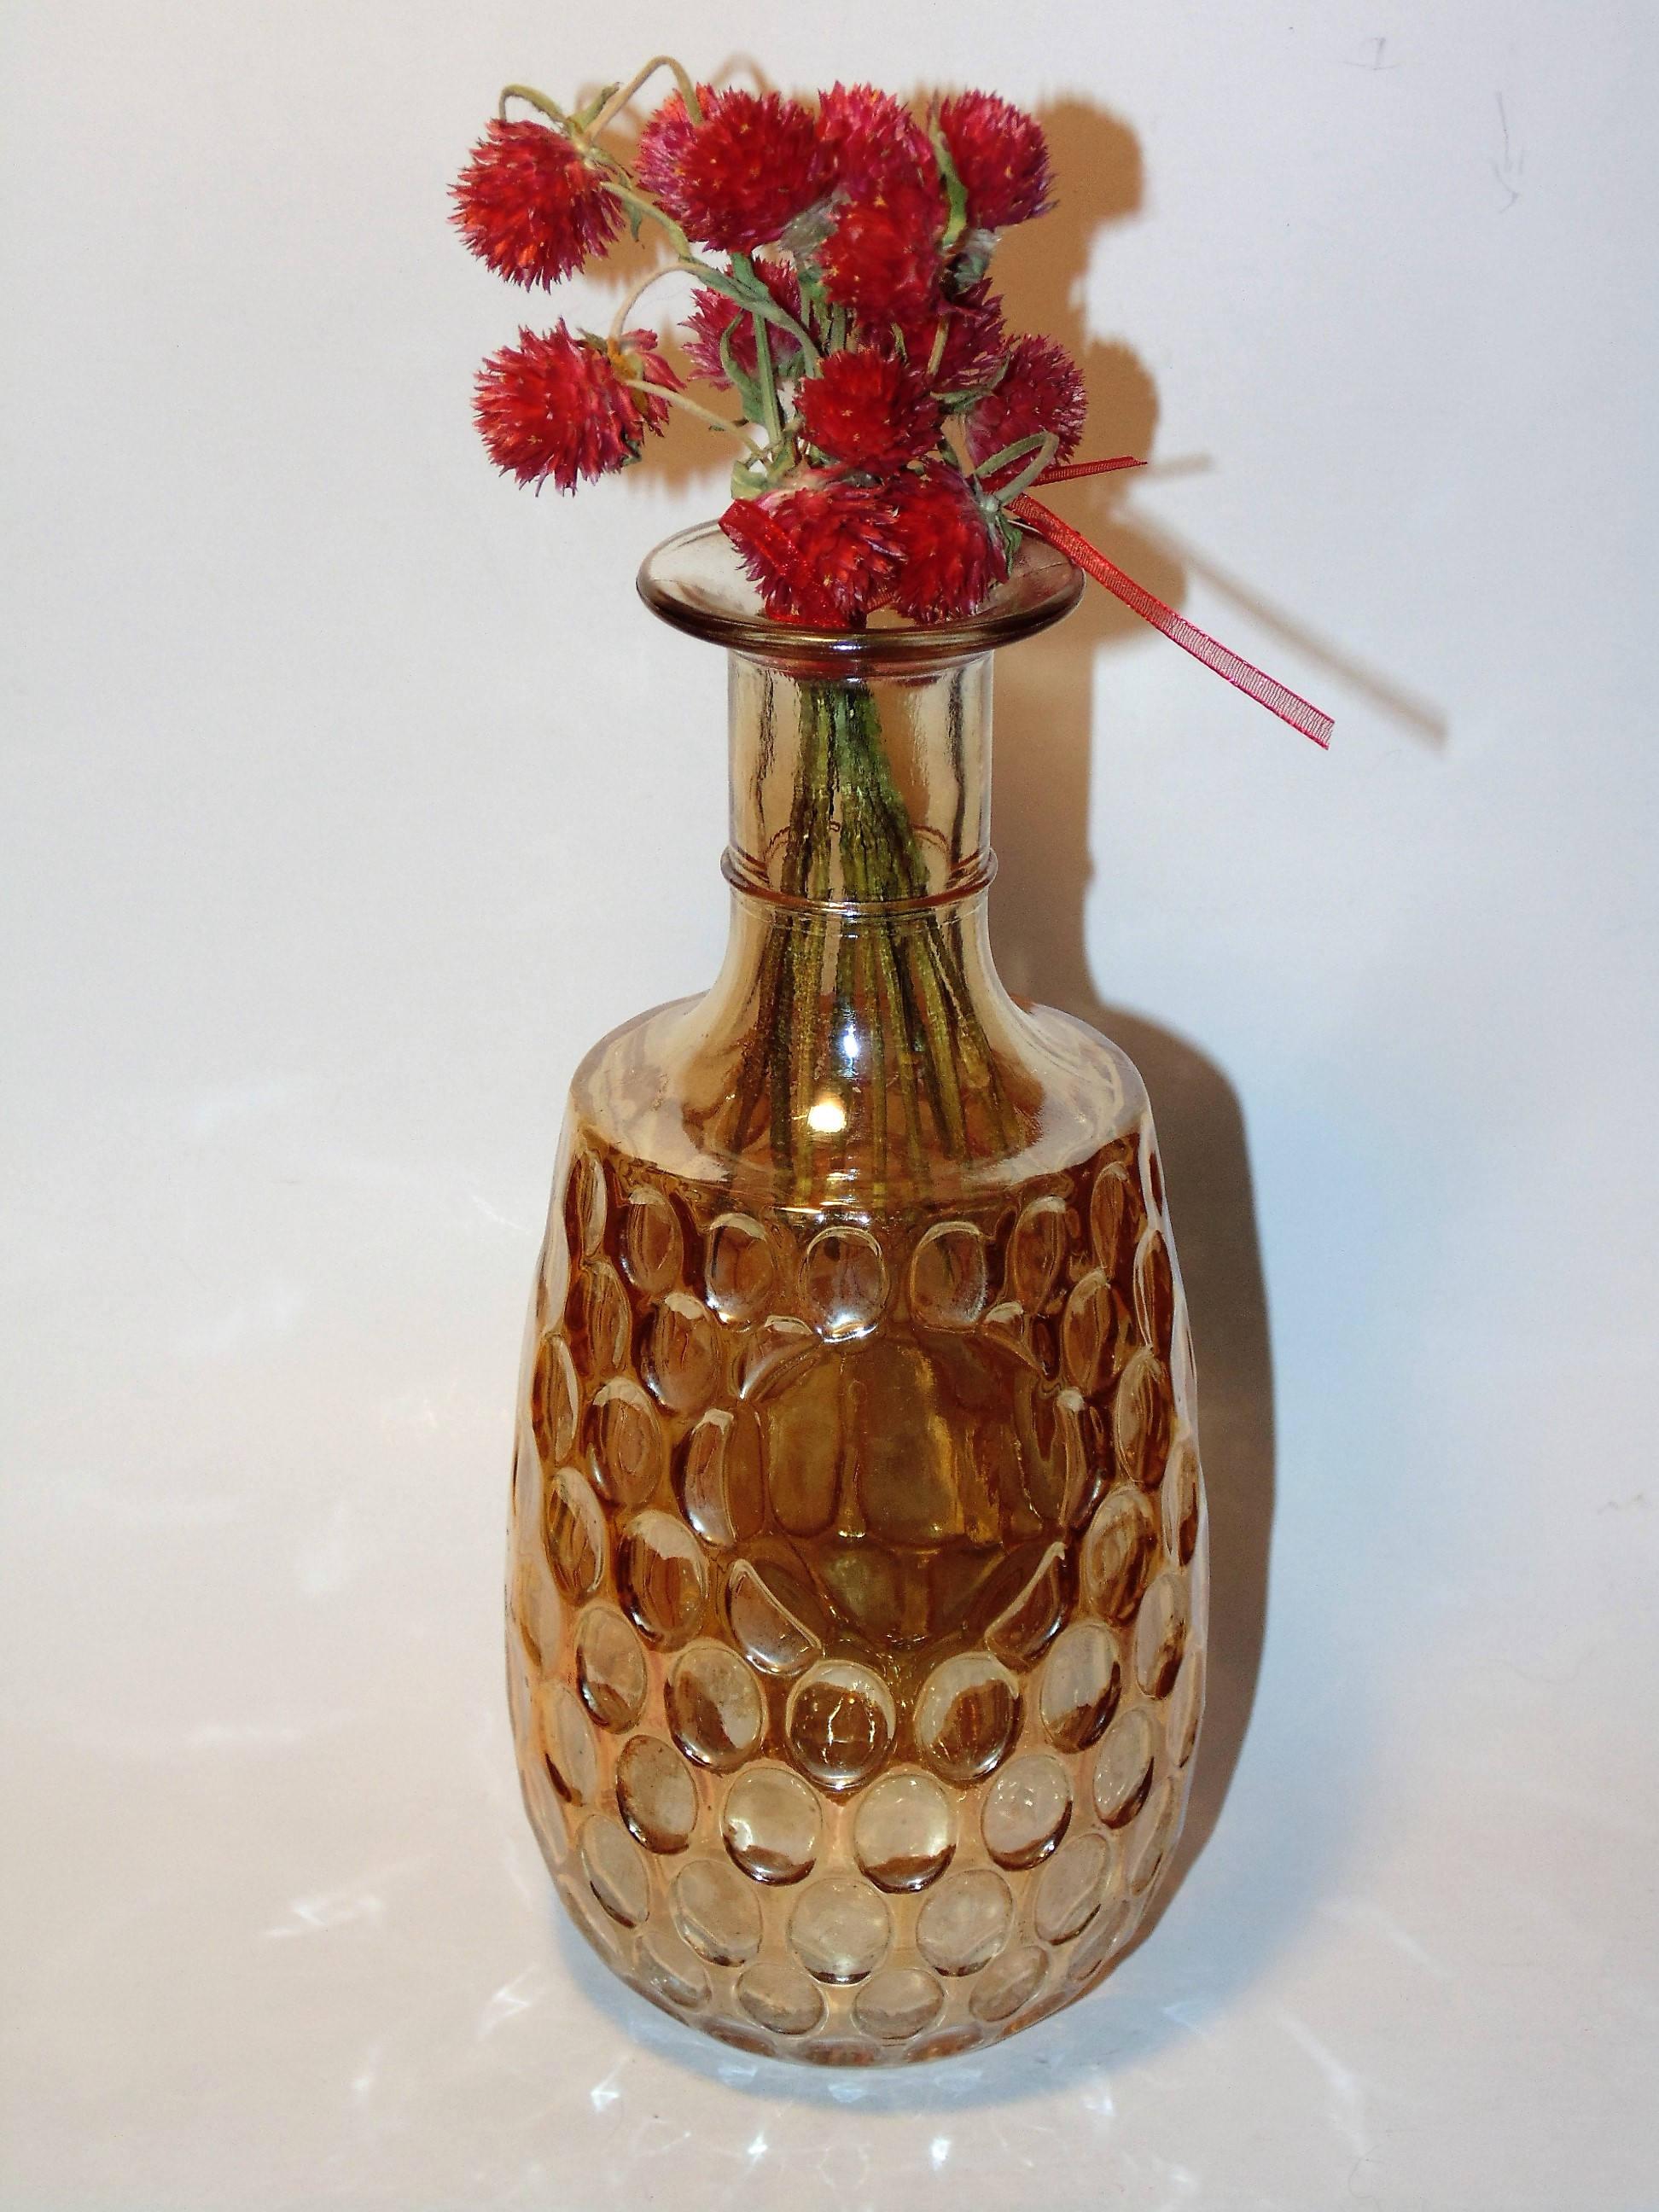 Dating old bottles - La For t Nourriciere